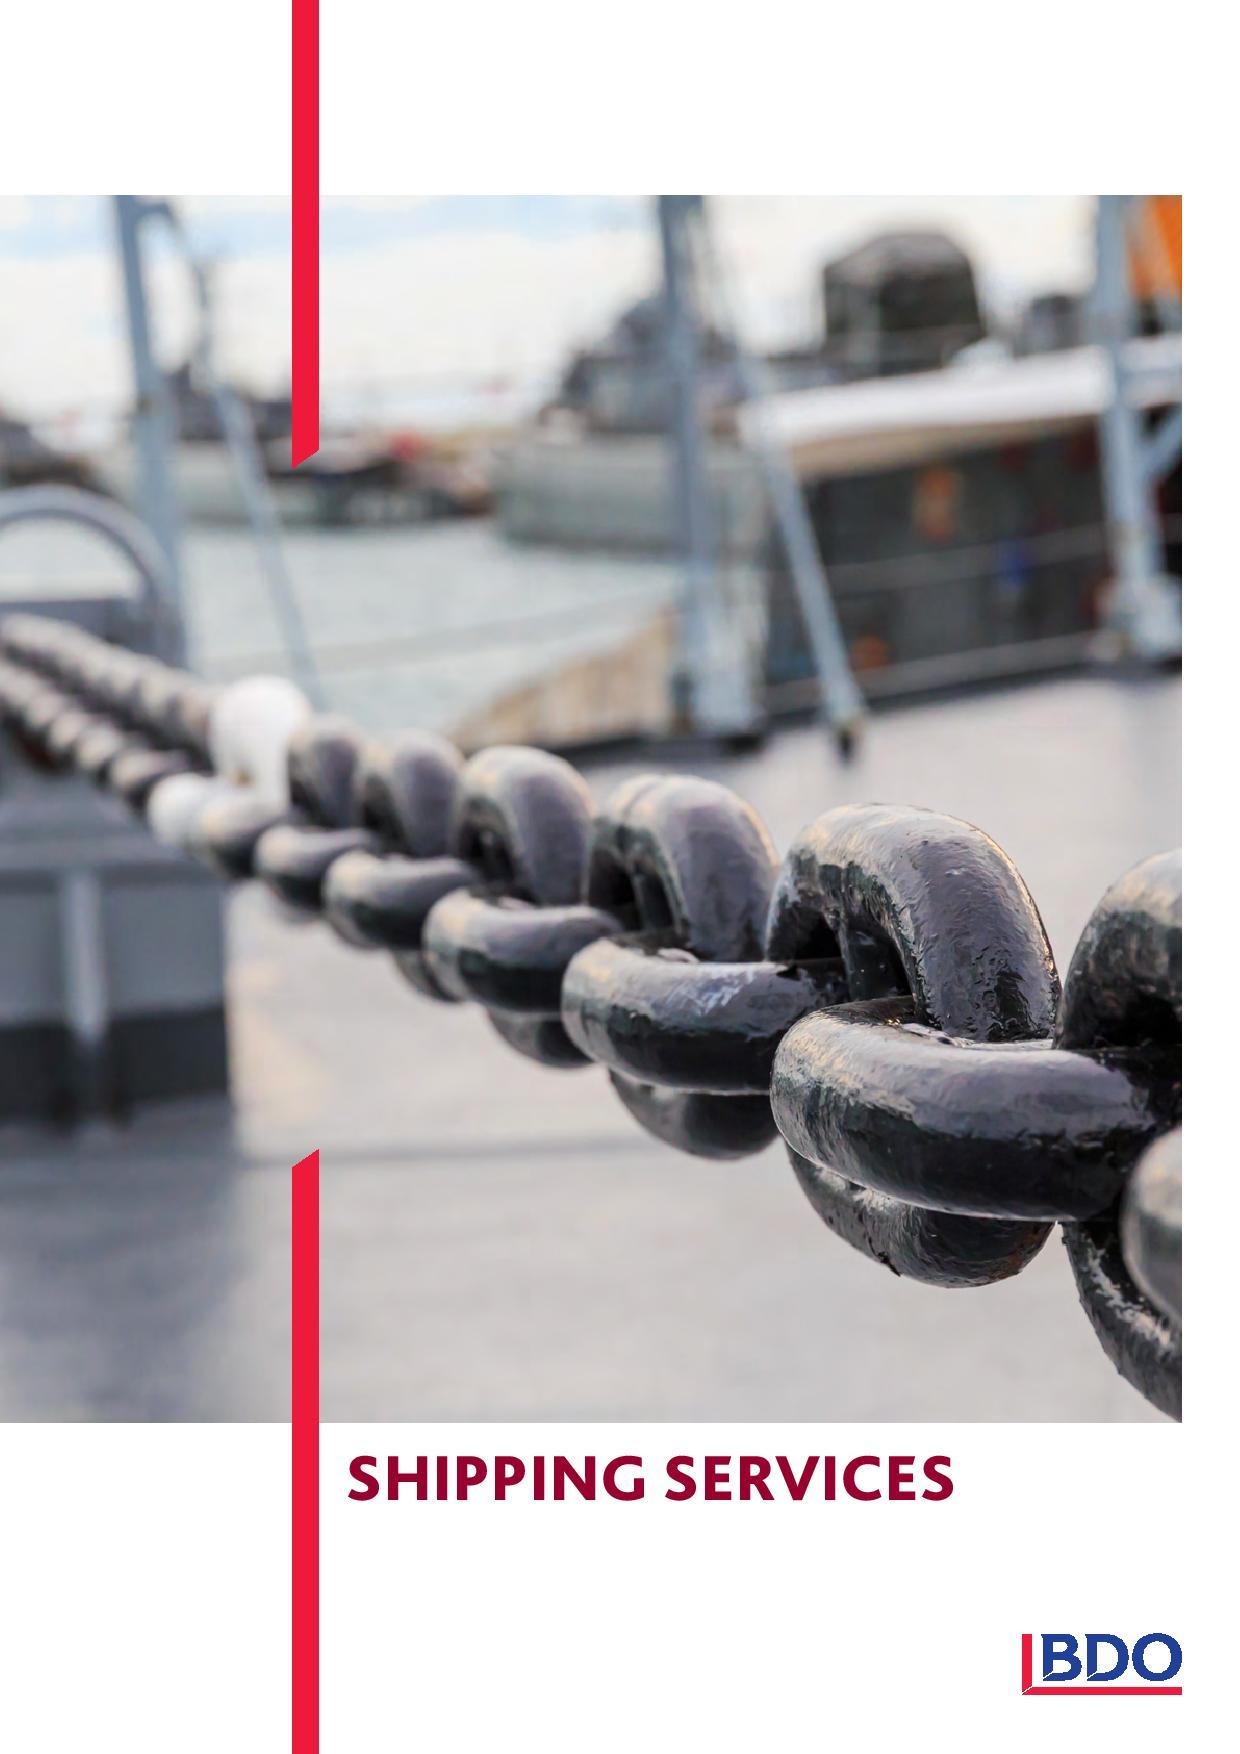 BDO: Shipping Services